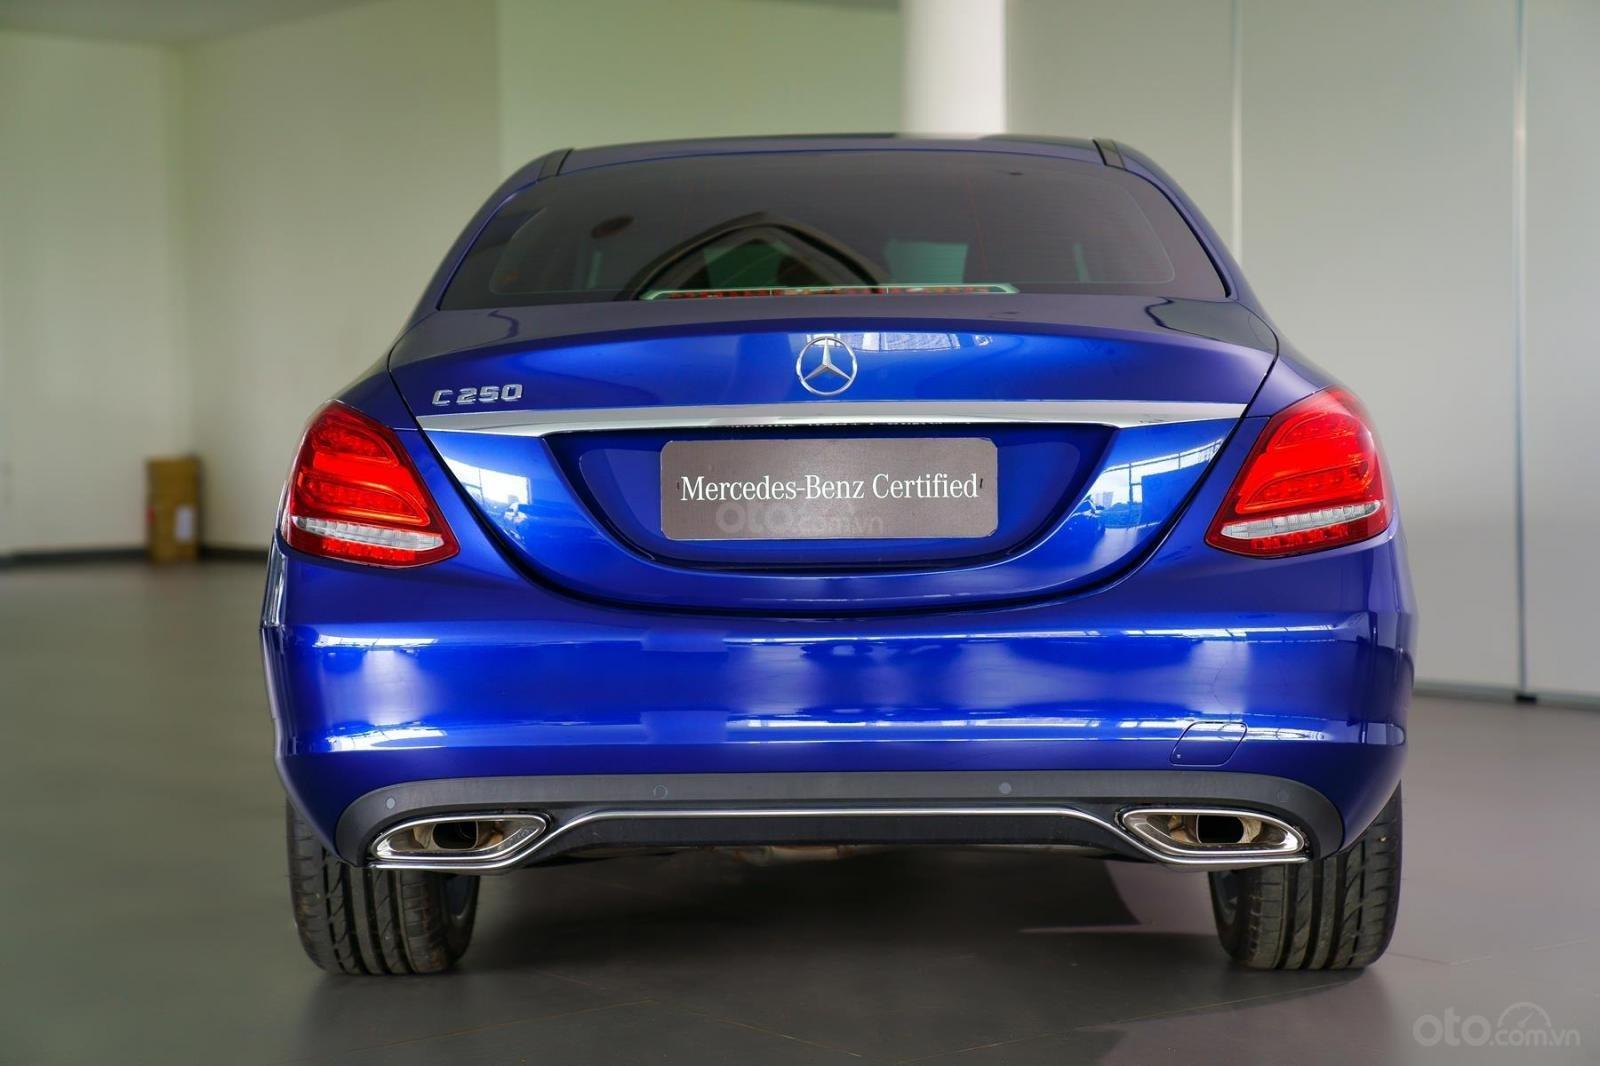 Bán xe Mercedes-Benz C250 Exclusive đăng ký 2019 - 1 tỷ 5 (3)